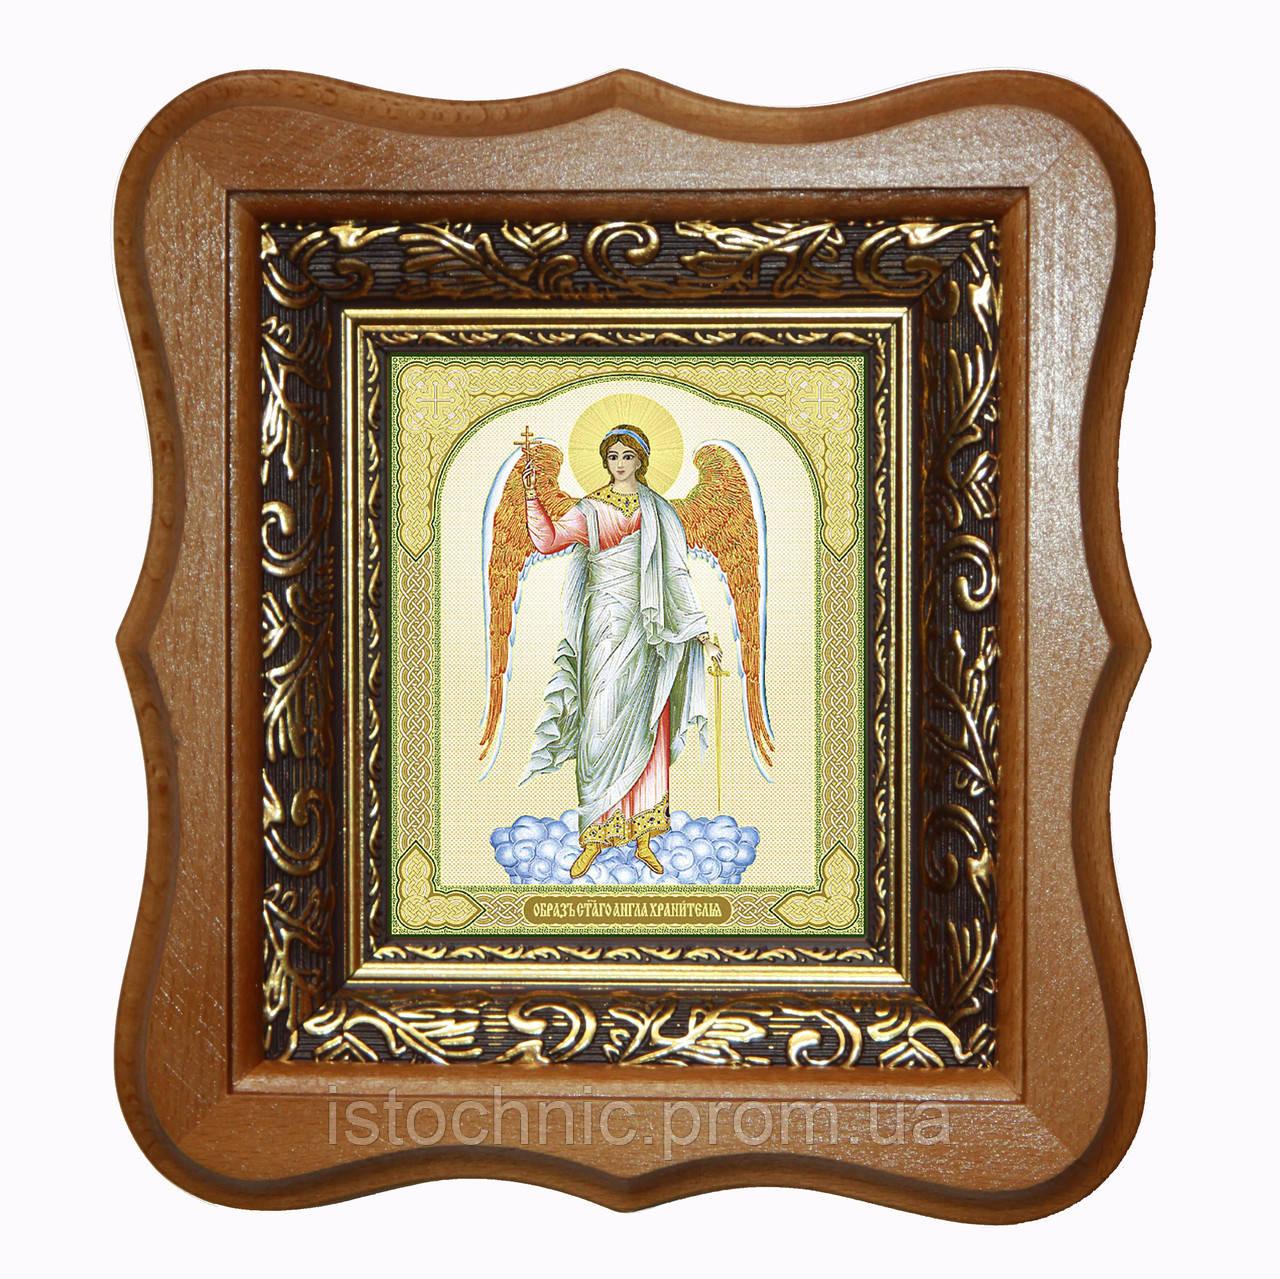 номера для эскизы фото ангелов для икон и киотов по-маленьку насыщается